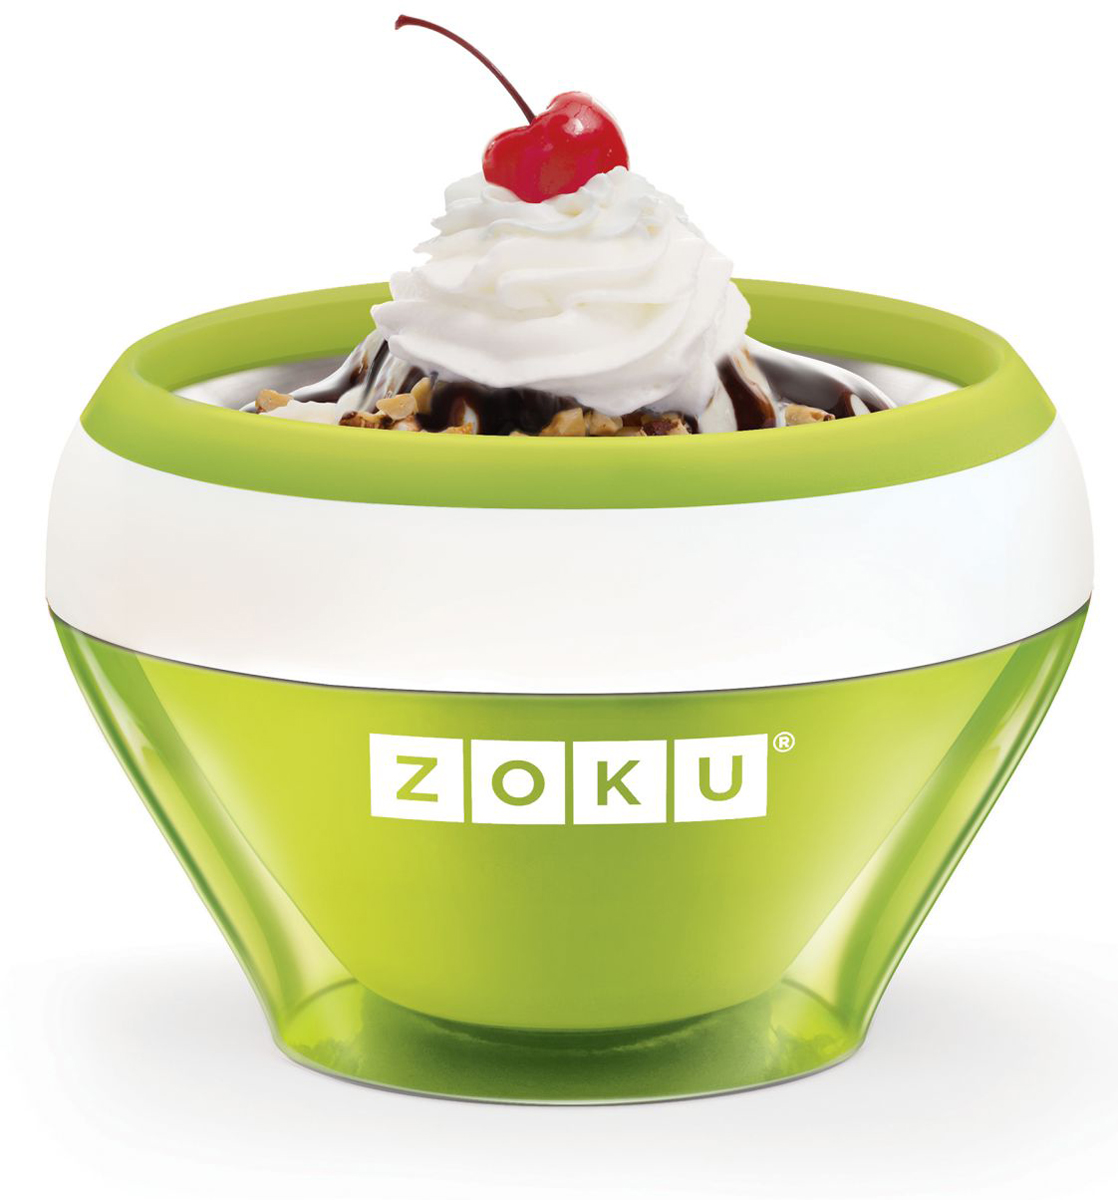 Мороженица Zoku Ice Cream Maker, цвет: зеленый, 150 мл. ZK120-GNZK120-GNС помощью компактного Zoku Ice Cream Maker вы сможете быстро и без усилий приготовить натуральные домашние десерты: мороженое, сорбет, щербет, замороженный йогурт, заварной крем и прочие лакомства. Почувствуйте себя настоящим профессионалом – создавайте вкусные и полезные десерты на основе натуральных ингредиентов. Комбинируйте вкусовые добавки и украшайте готовое мороженое фруктами, сладкими или пряными присыпками, орехами и шоколадом. Как использовать: 1. Поместите внутреннюю пустую форму в морозильную камеру на двенадцать и более часов. Форма должна быть абсолютно сухой и располагаться вертикально.2. Через двенадцать часов верните её во внешний корпус и наполните желаемыми продуктами. Все ингредиенты должны быть охлажденными.3. Сразу начинайте перемешивать массу с помощью специальной ложки. Не давайте краям примерзнуть к форме. Через 7-10 минут ваш десерт готов. Для получения твердого мороженого поместите форму в морозильную камеру на дополнительные 10-15 минут. Объем - 150 мл. Не содержит вредных примесей и бисфенола-А. Не подходит для использования в микроволновой печи. Моется вручную.